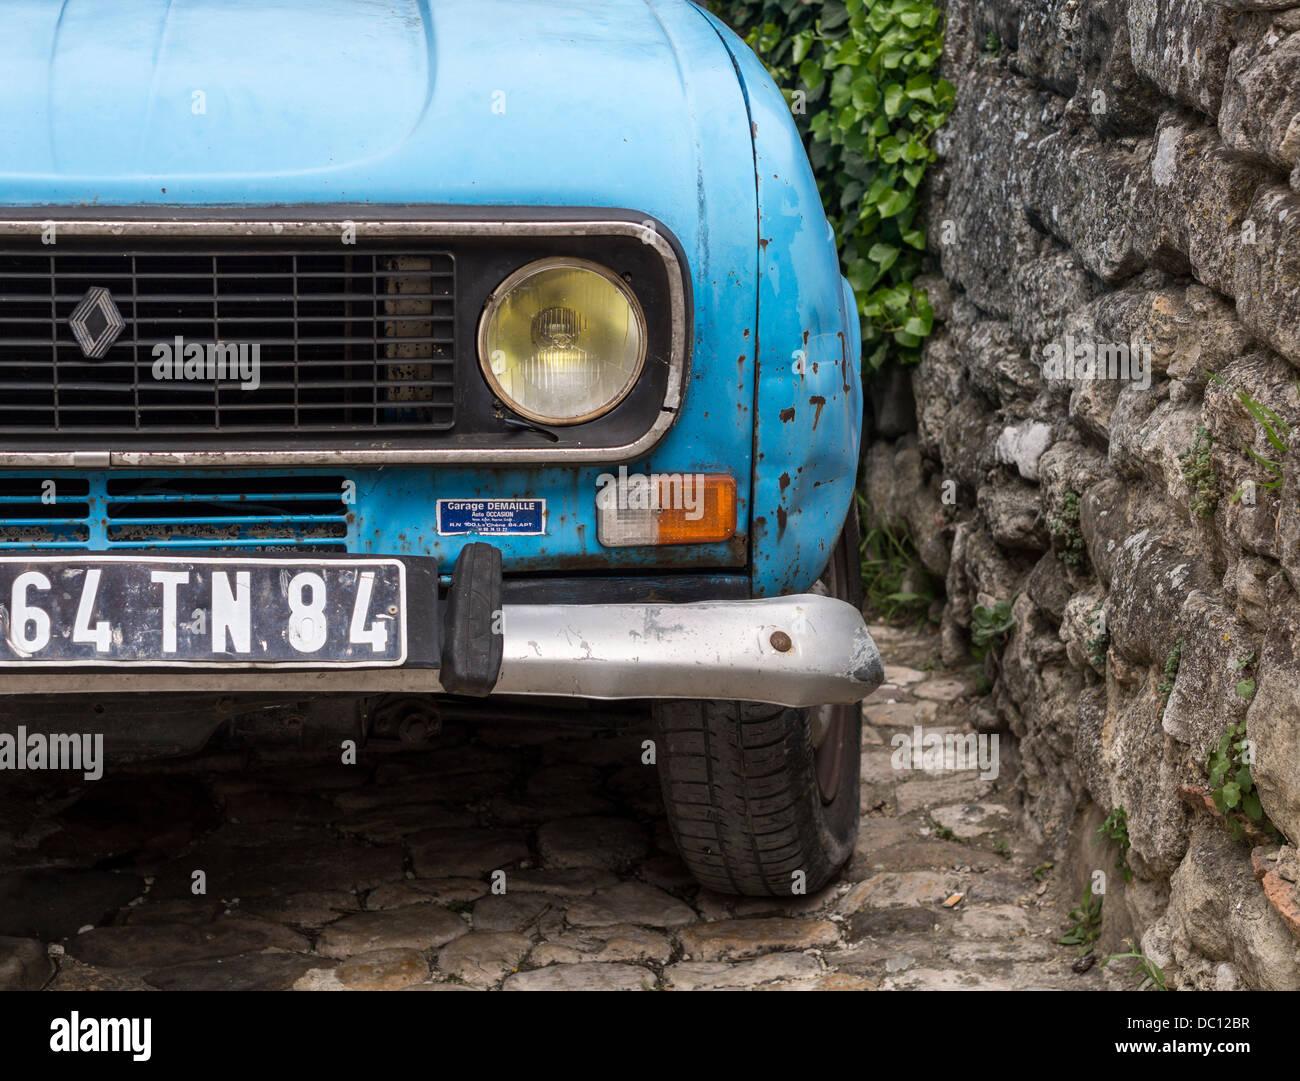 Hell blau Citron Oldtimer. Detail der Ecke ein ziemlich ramponierte alte Auto parkte neben einer Steinmauer. Stockbild